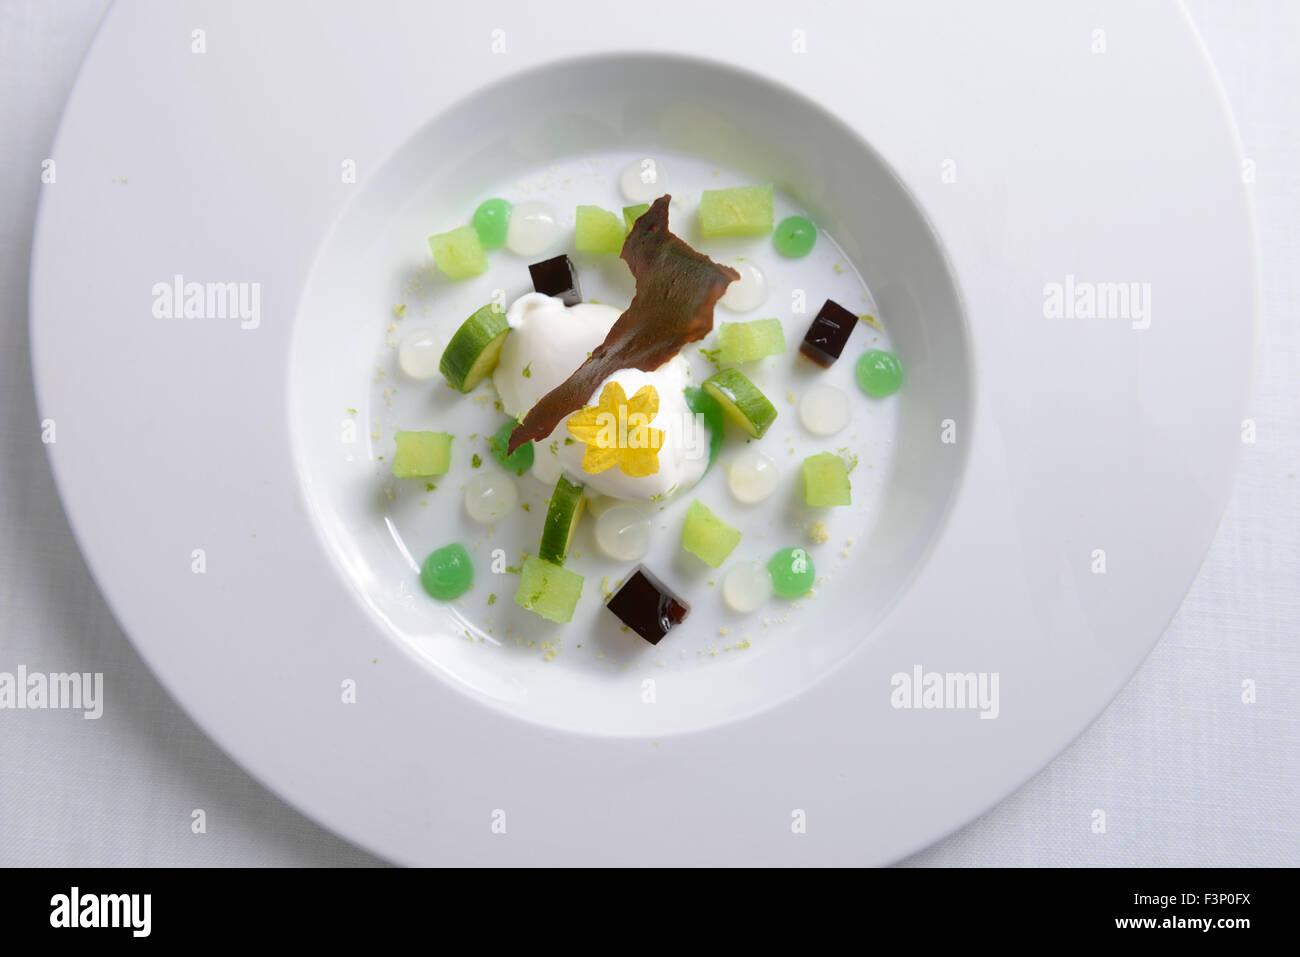 Postre gourmet Imagen De Stock